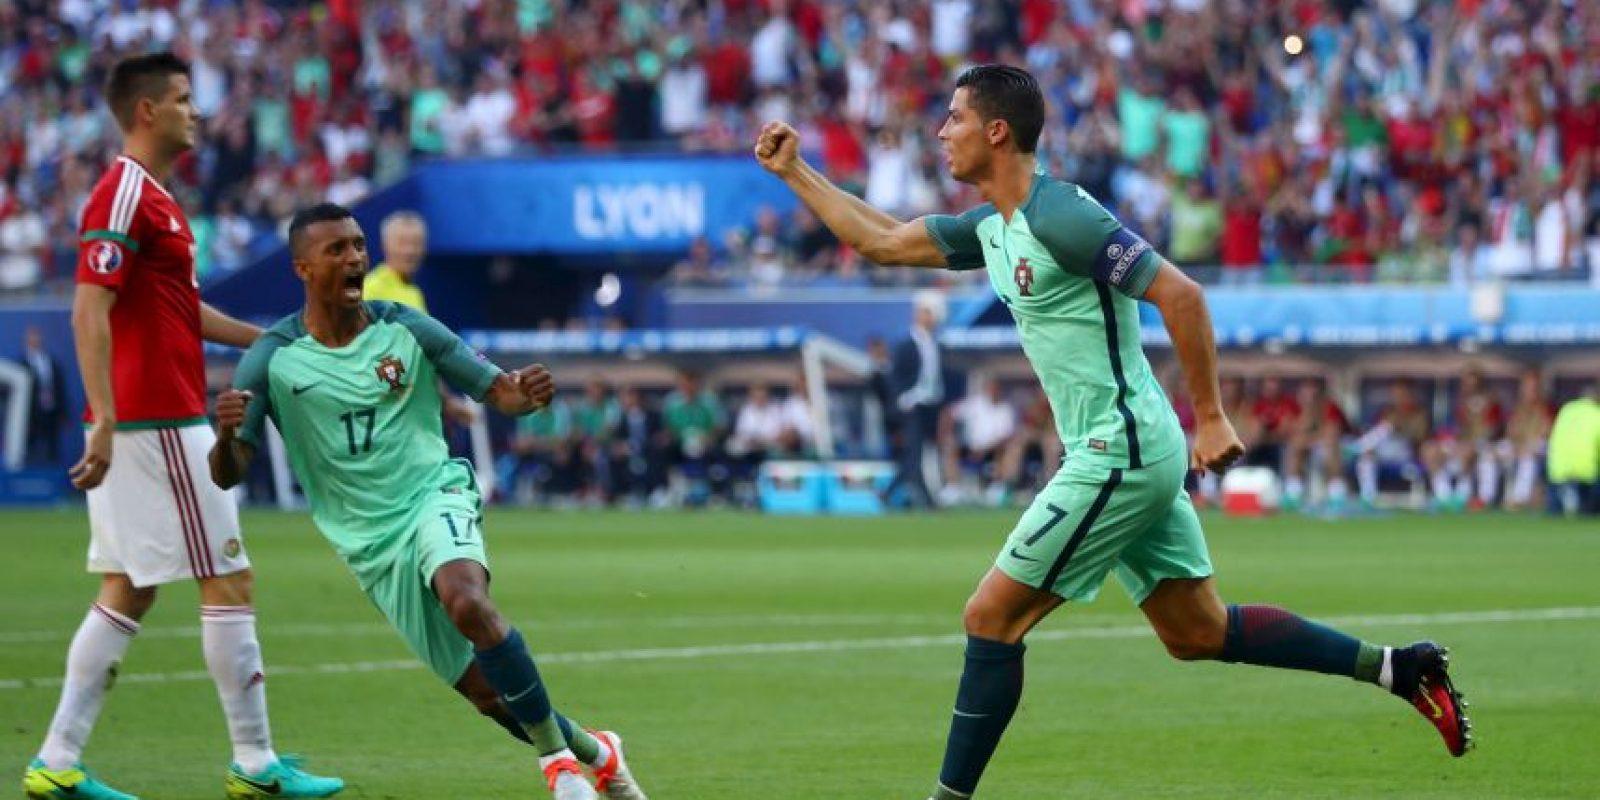 En el tercer partido aparecería Cristiano Ronaldo y se despacharía dos goles y una asistencia en el empate a tres tantos que les permitió clasificar como uno de los cuatro mejor tercero Foto:Getty Images